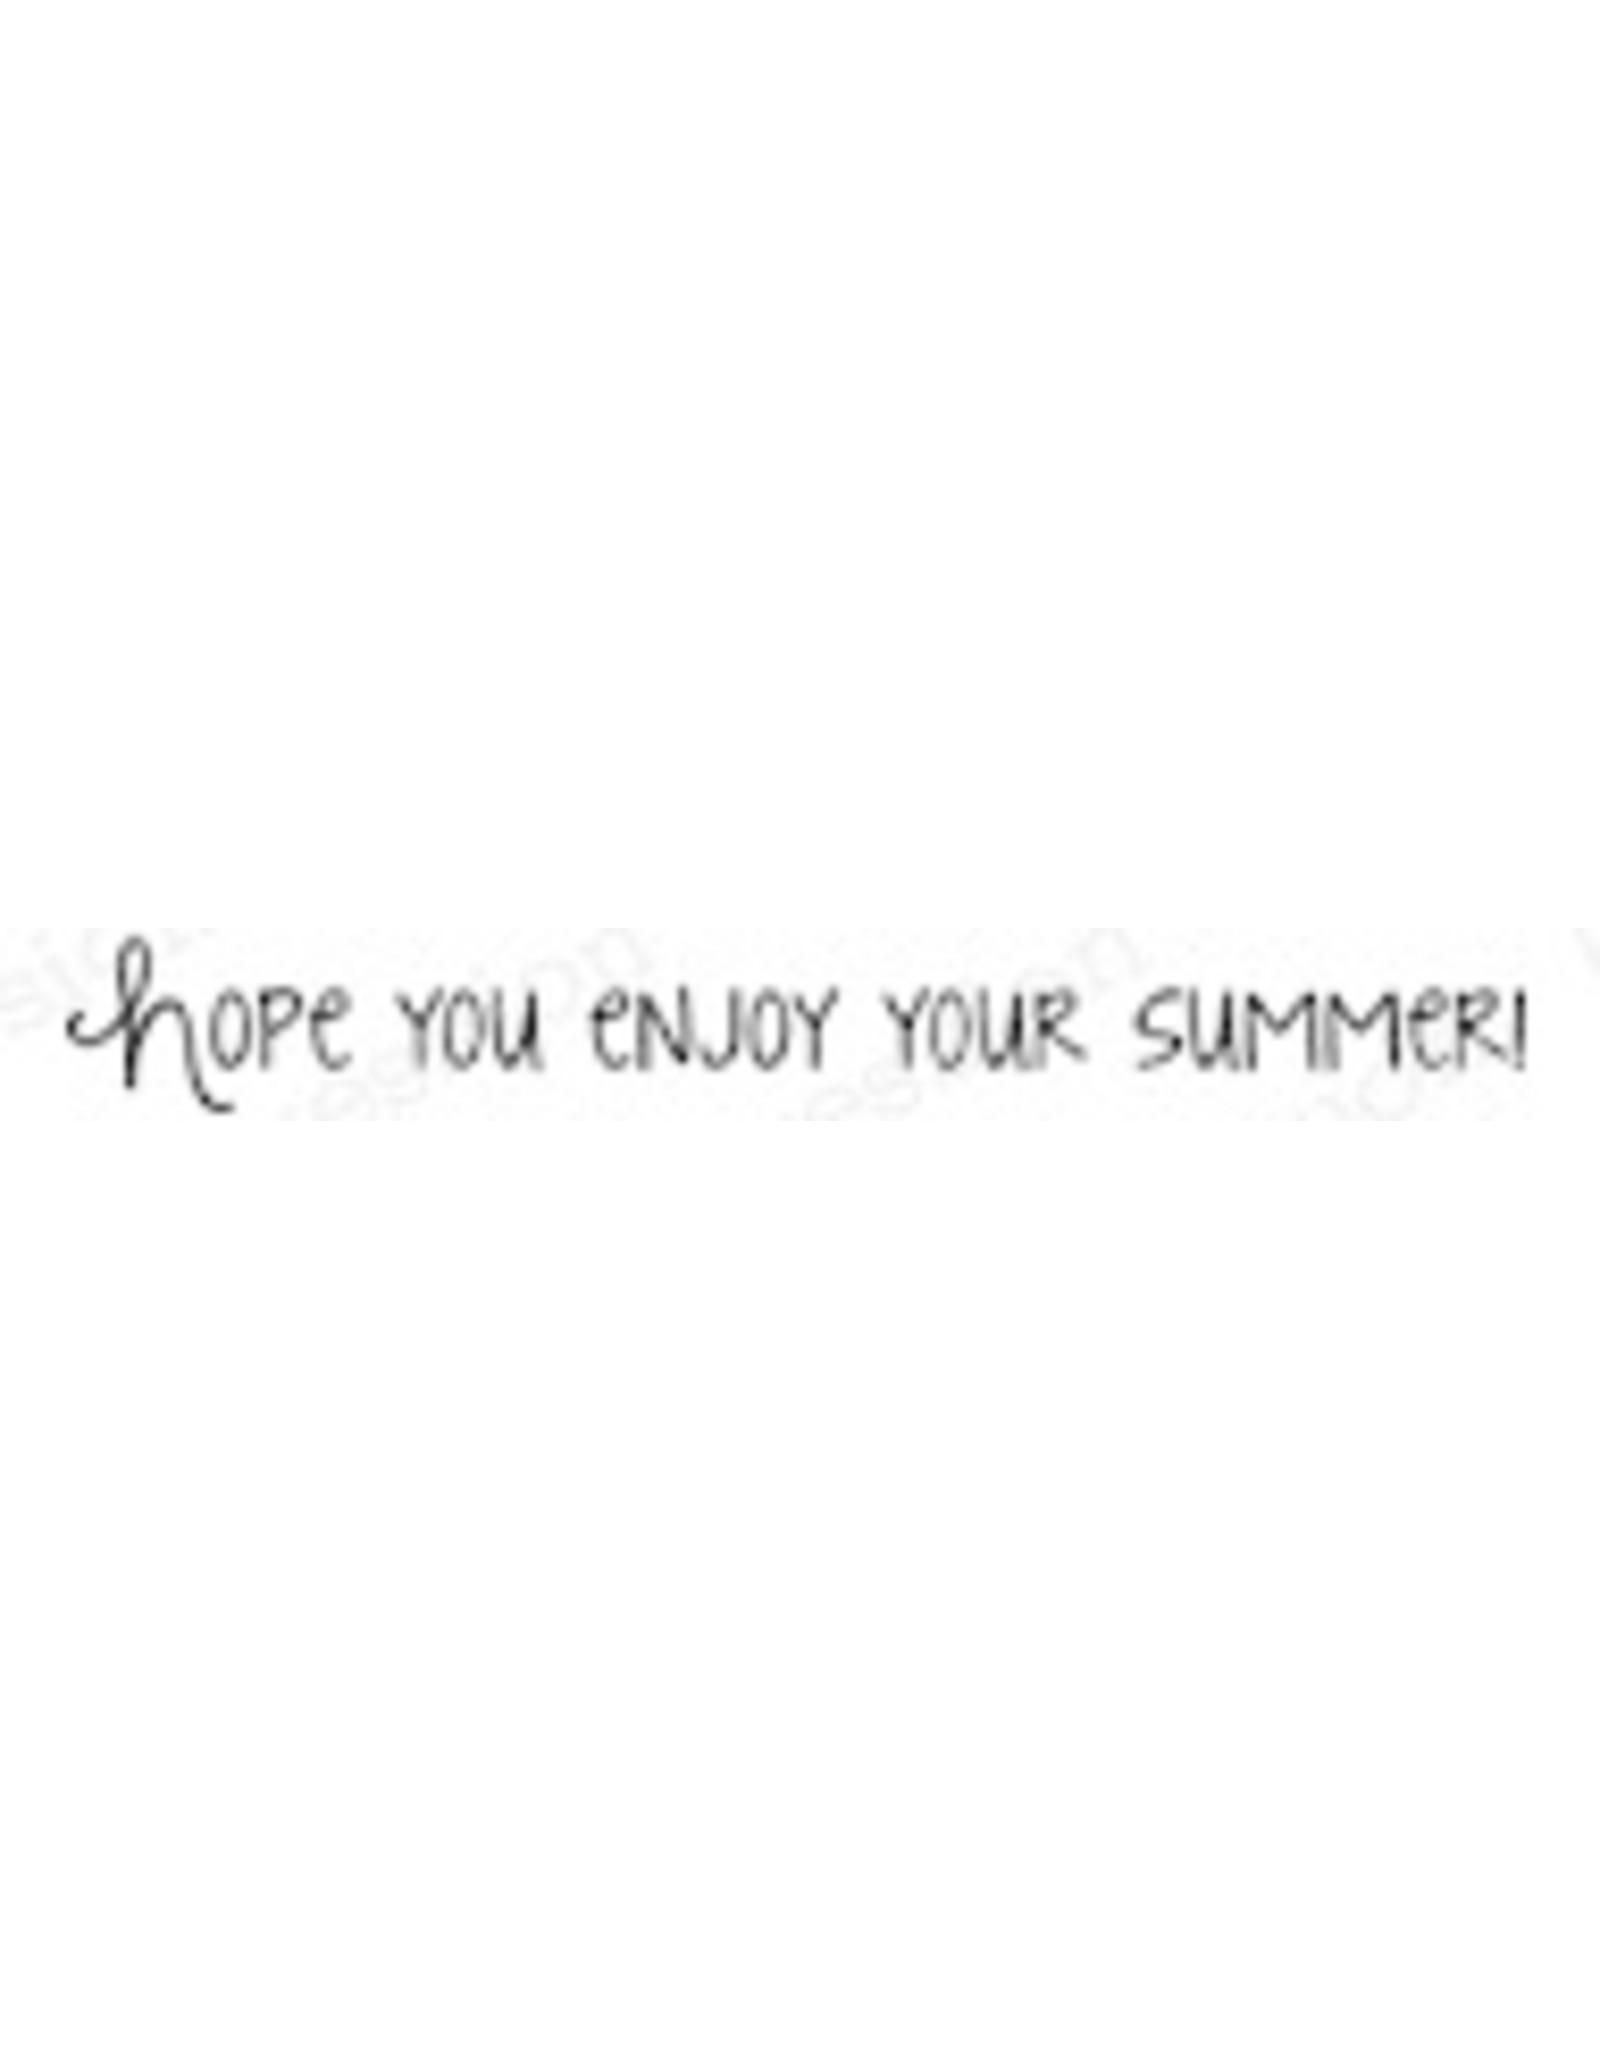 Impression Obsession Enjoy Summer - Cling Stamp